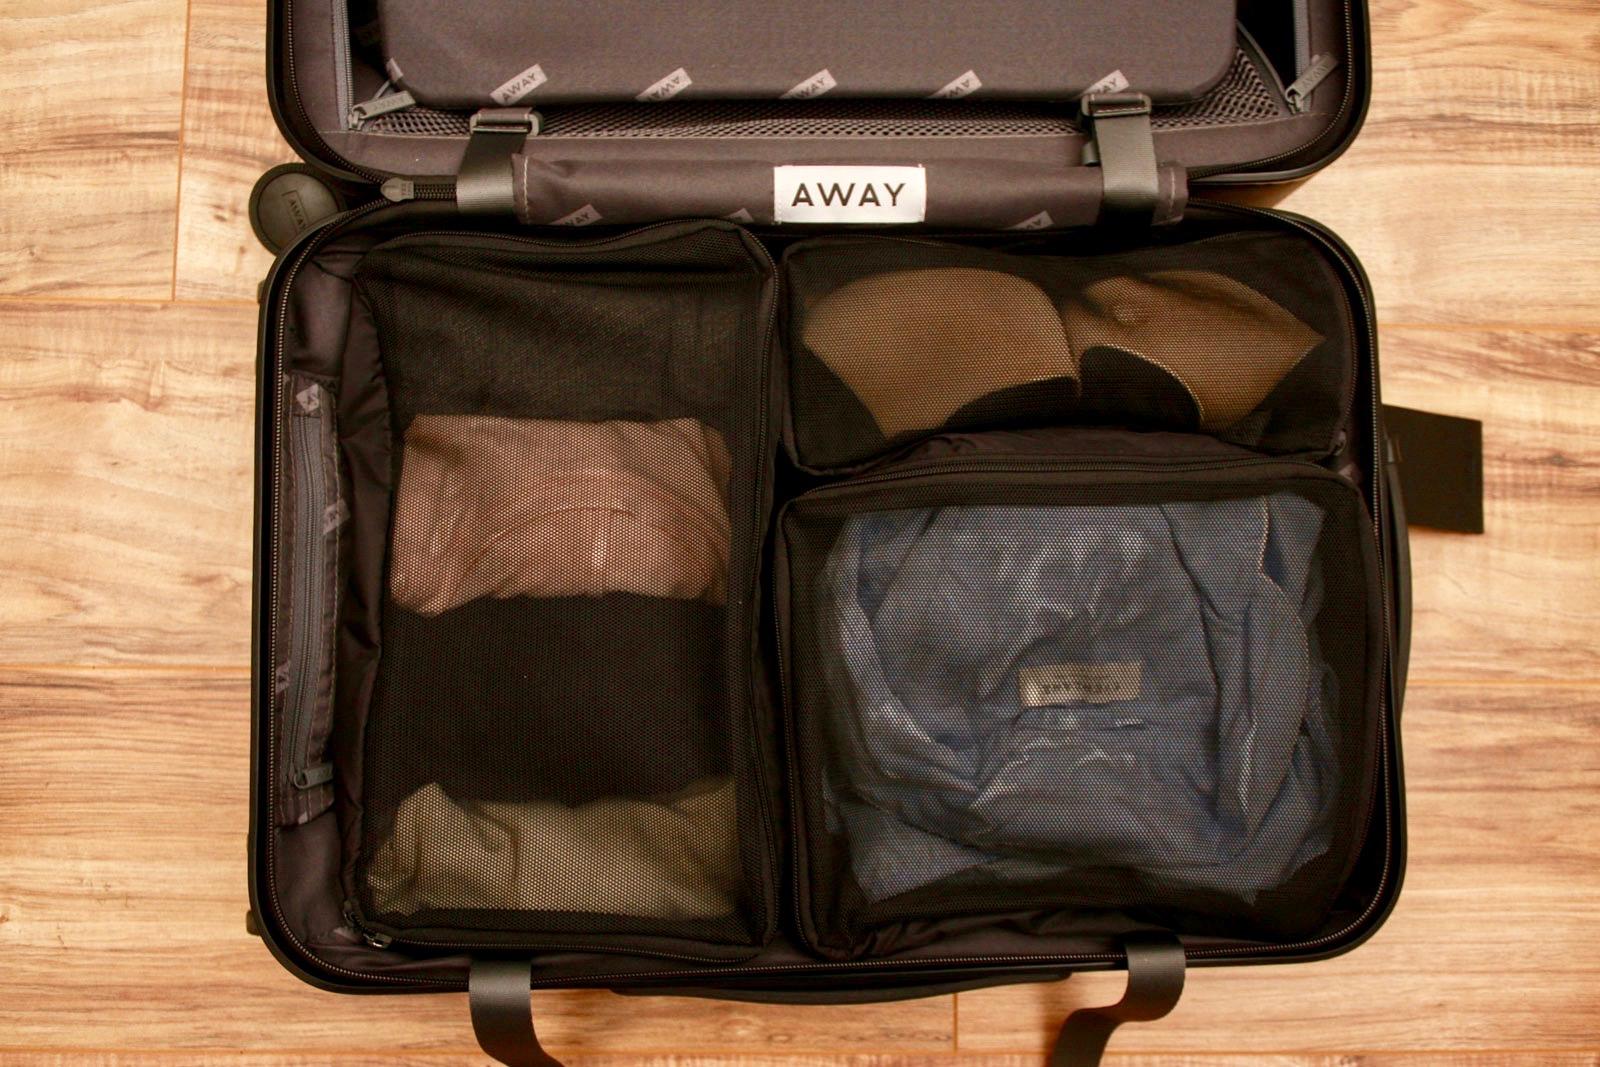 Pack Smart Not Hard A Review Of Away S Ng Cubes Wayward